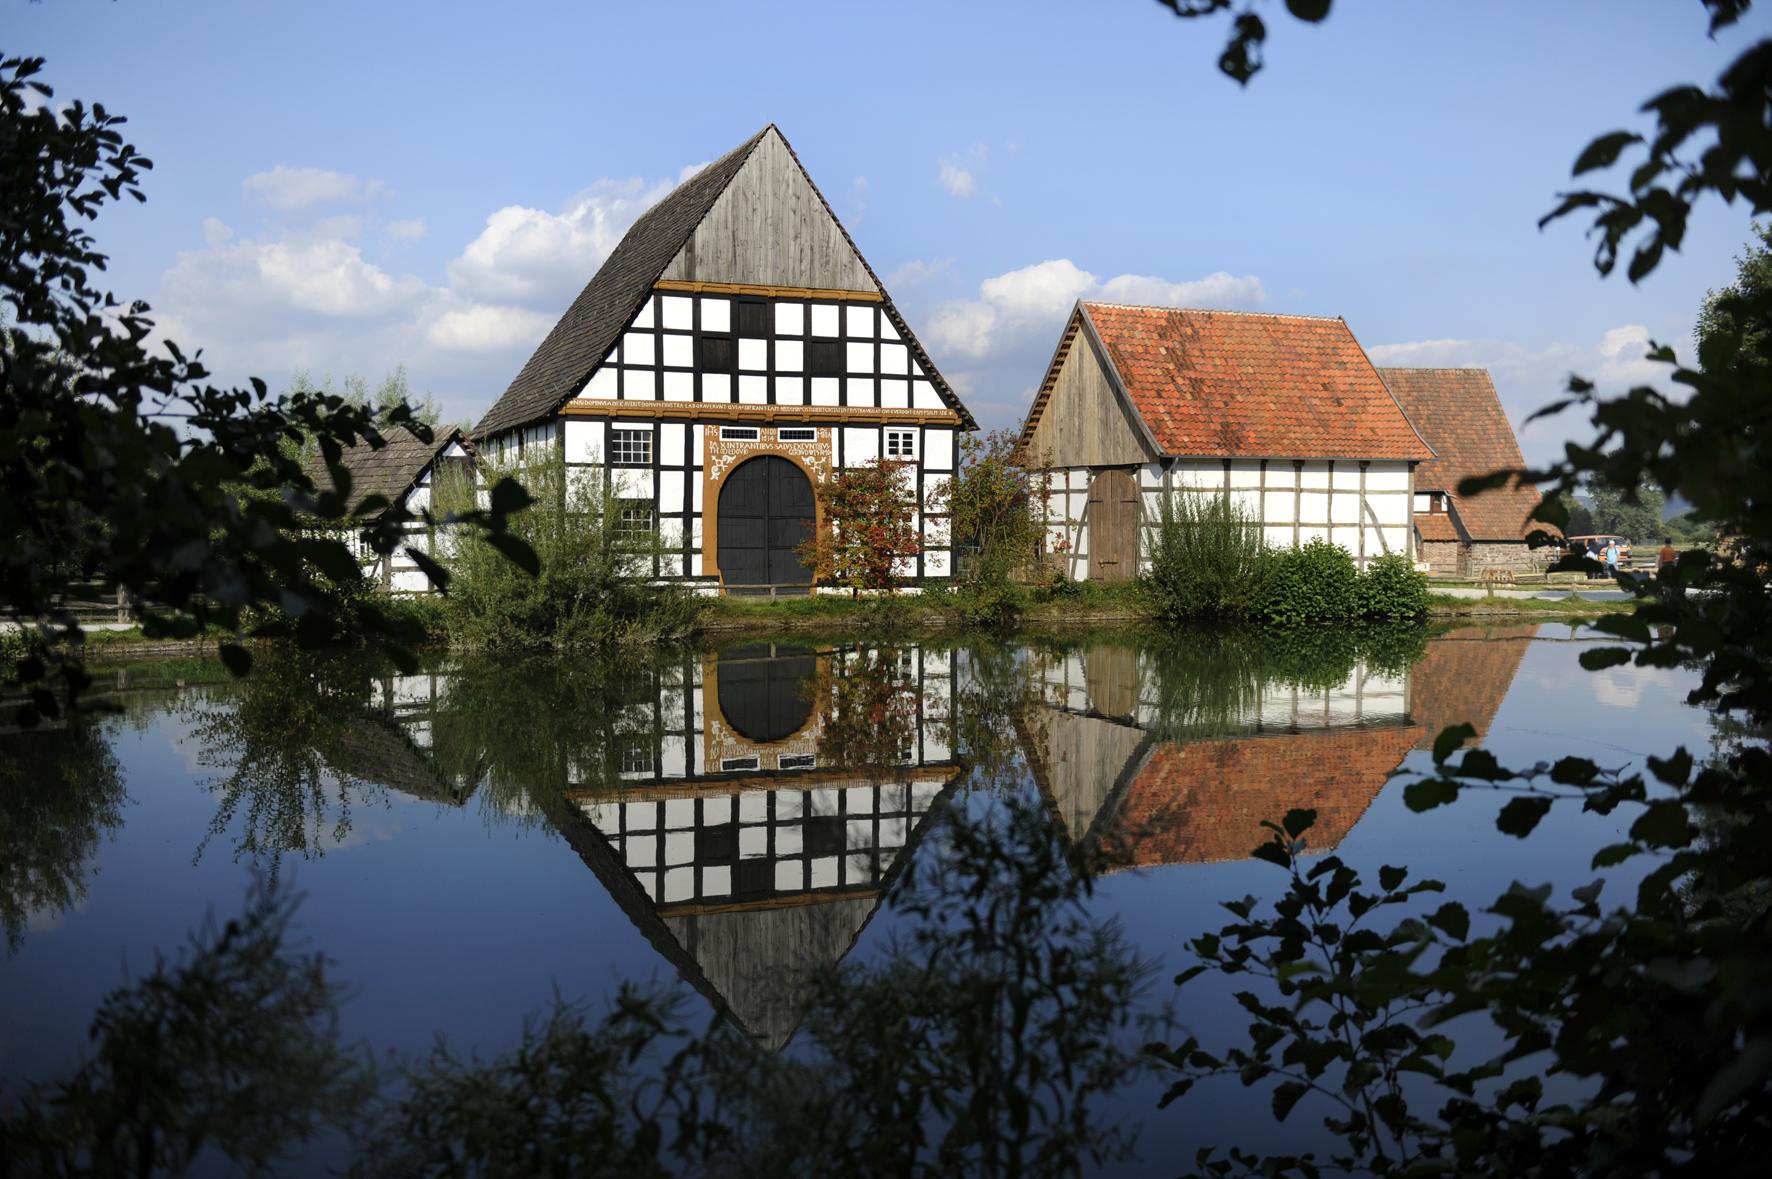 Der Dorfteich des LWL-Freilichtmuseums Detmold.